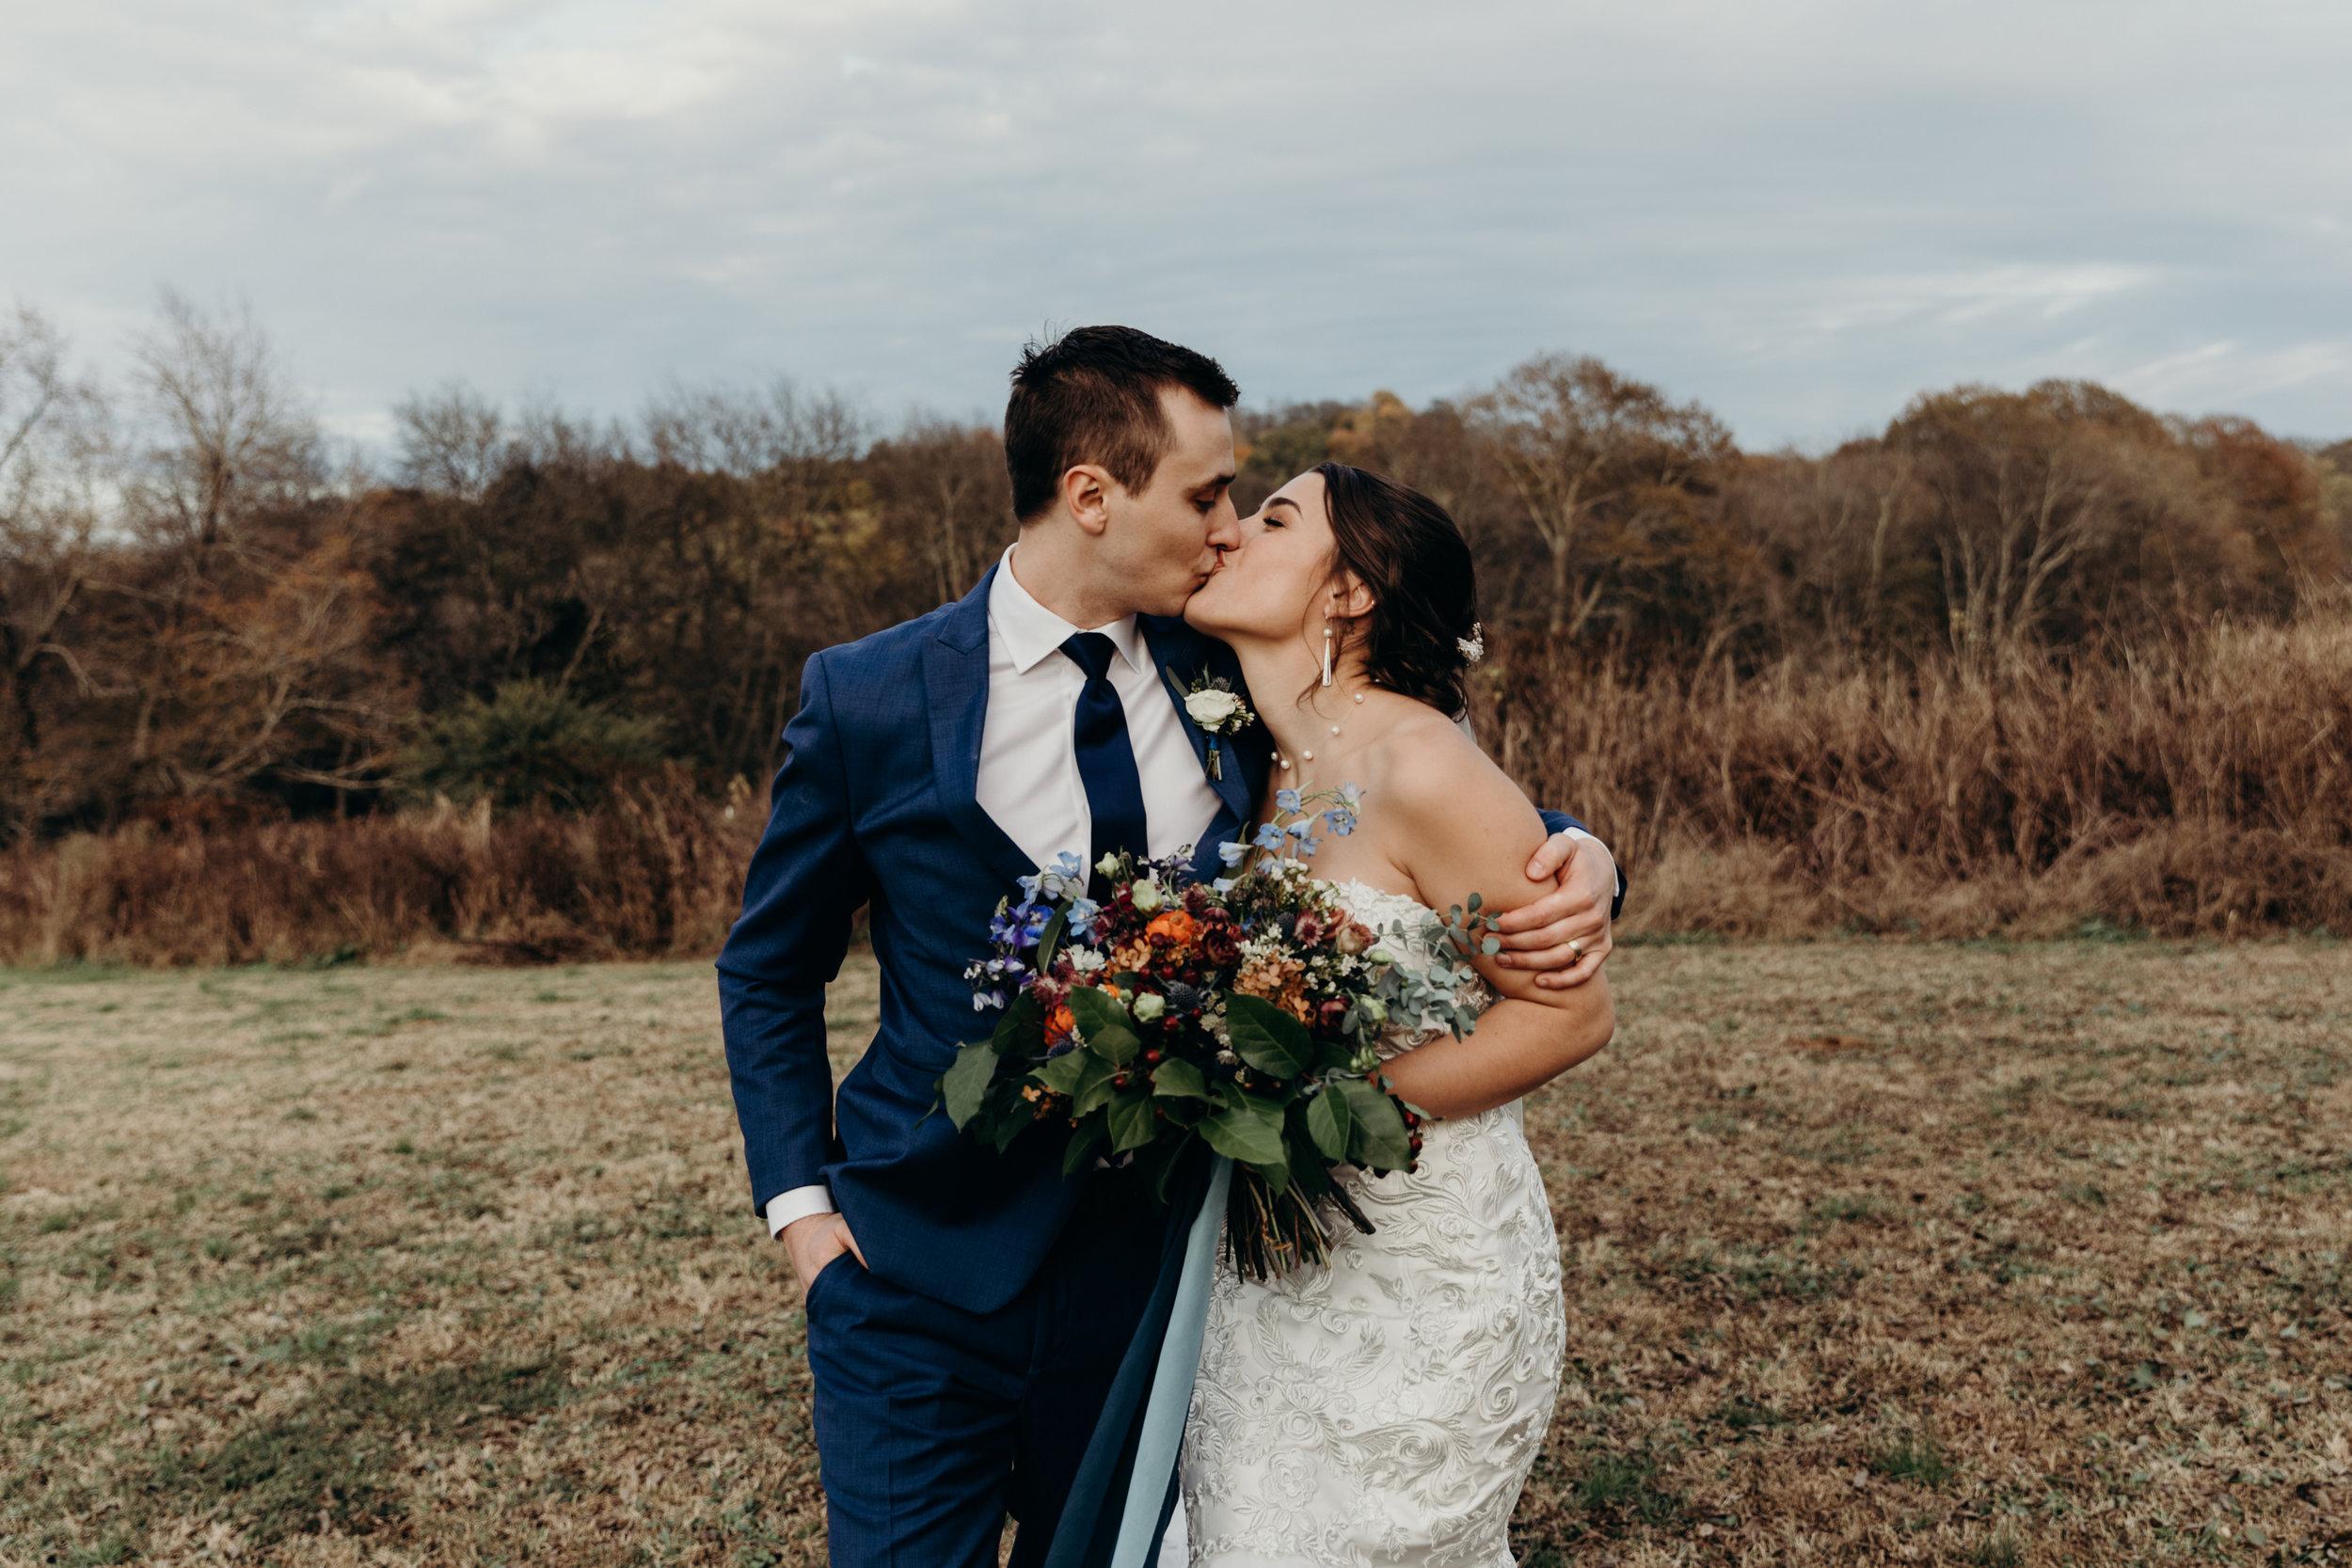 622-ltw-morgan-adam-wedding.jpg